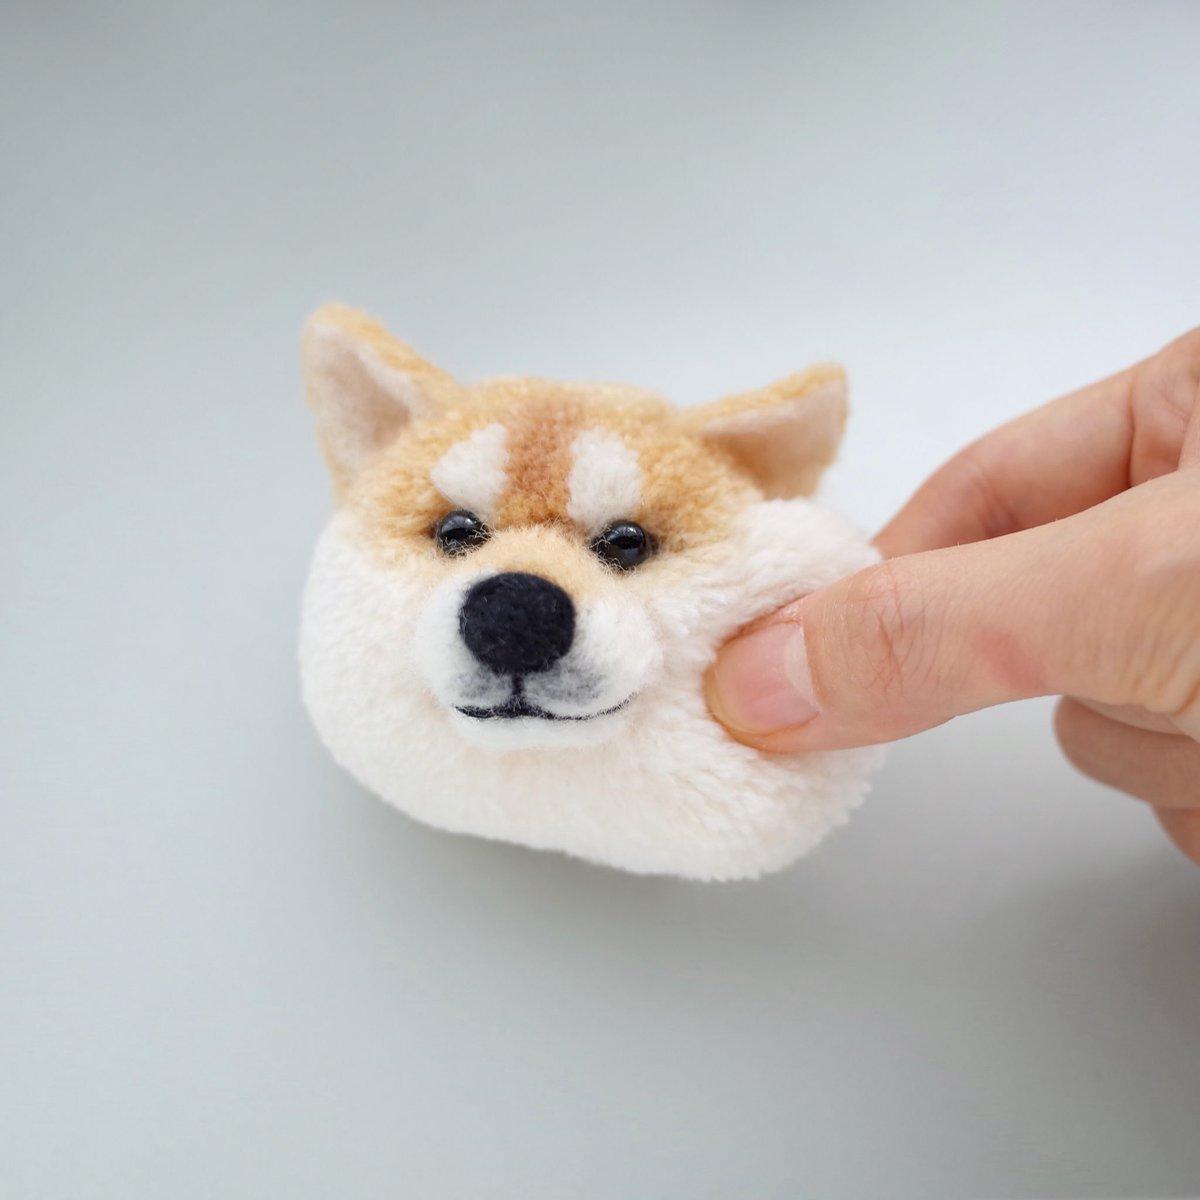 形状記憶柴☺️  #犬ぽんぽん